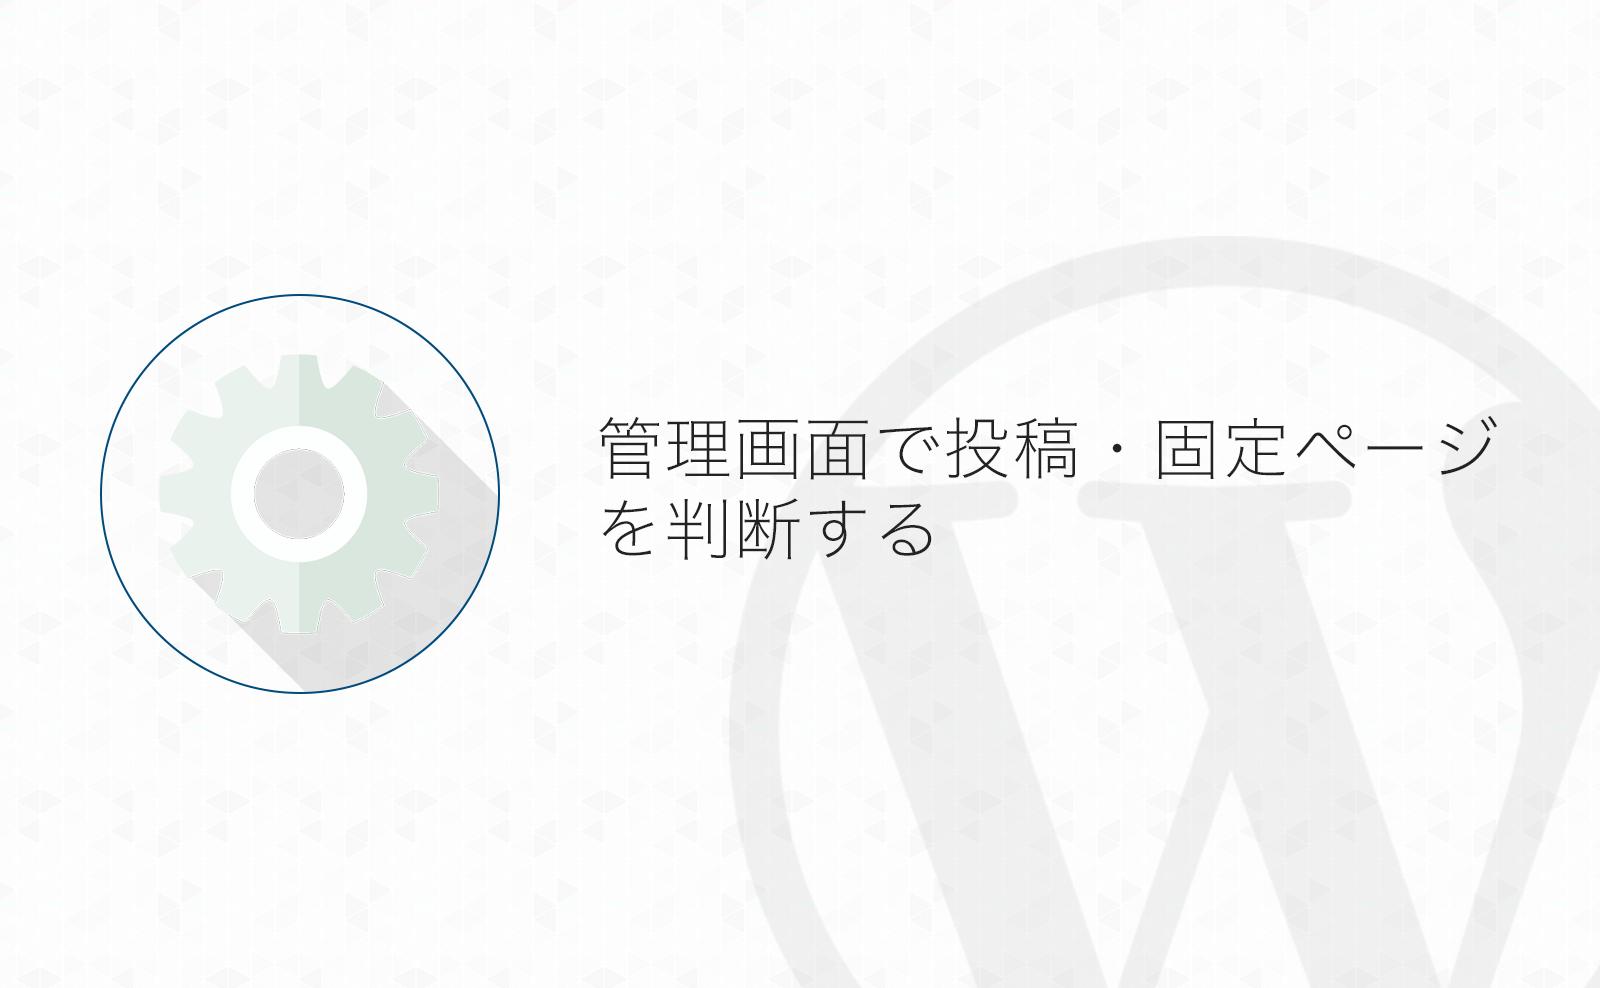 【WordPress】管理画面のページが投稿ページか固定ページか判断する方法